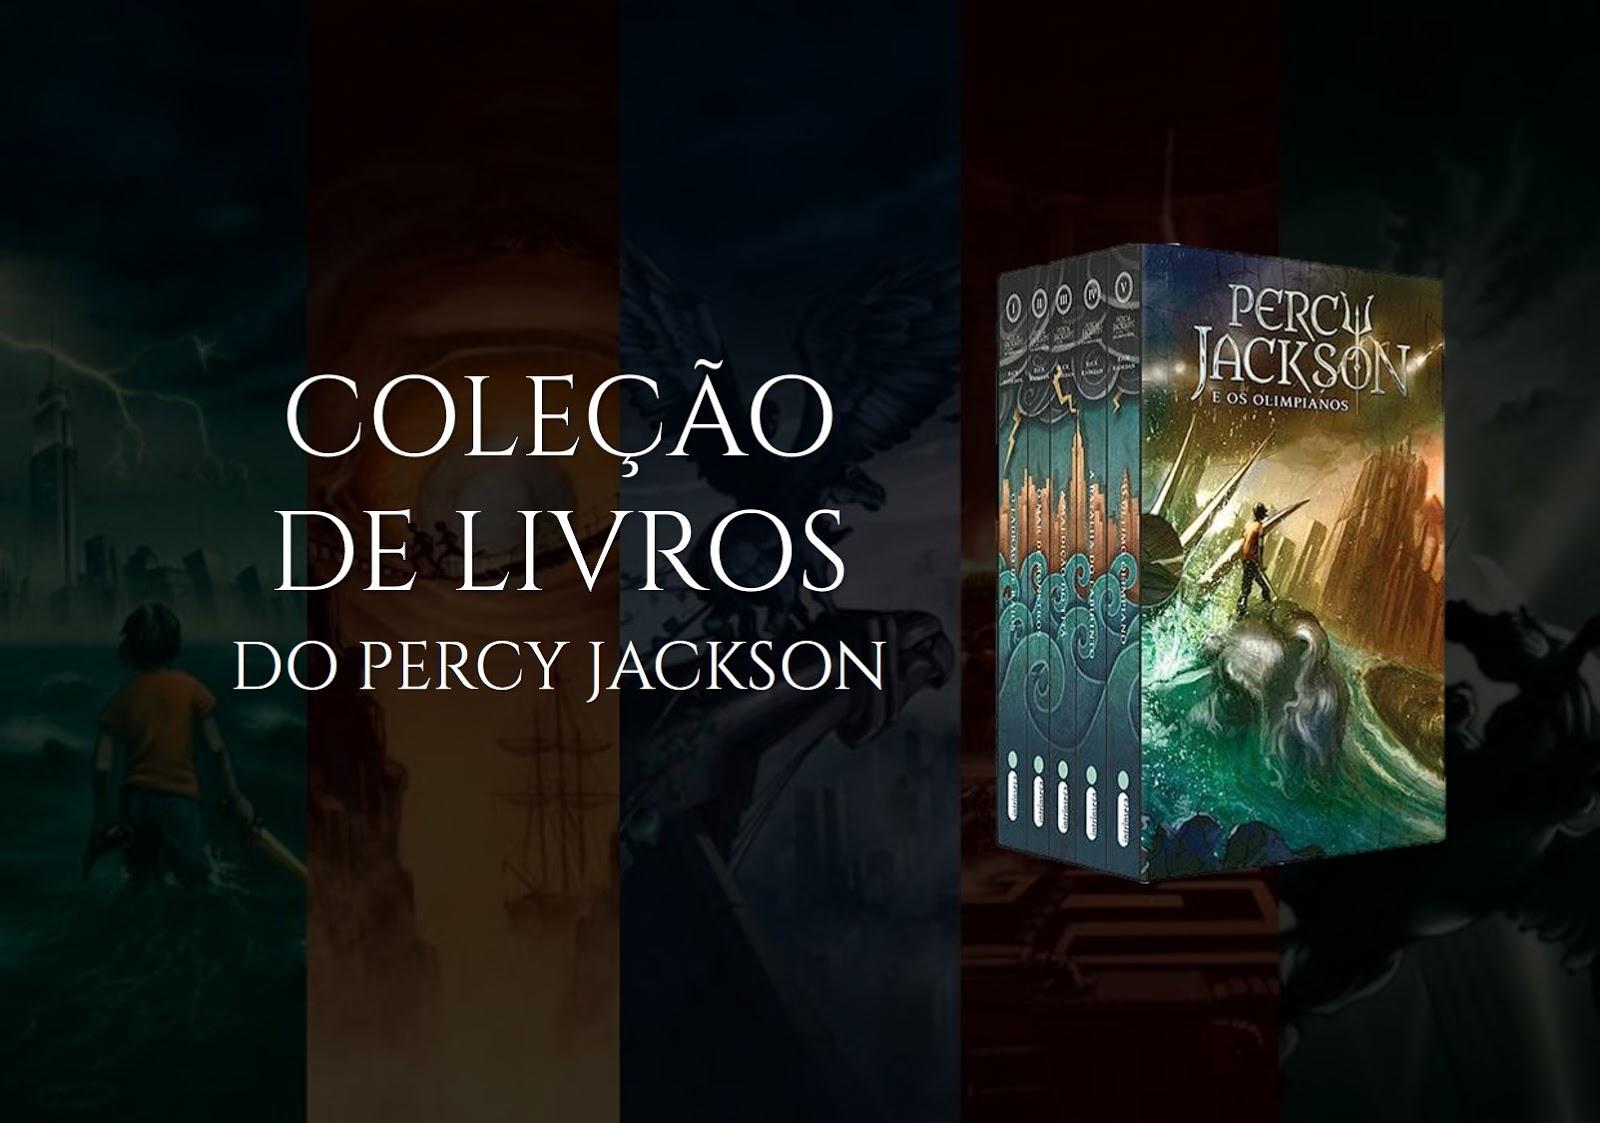 Coleção de Livros do Percy Jackson Grátis